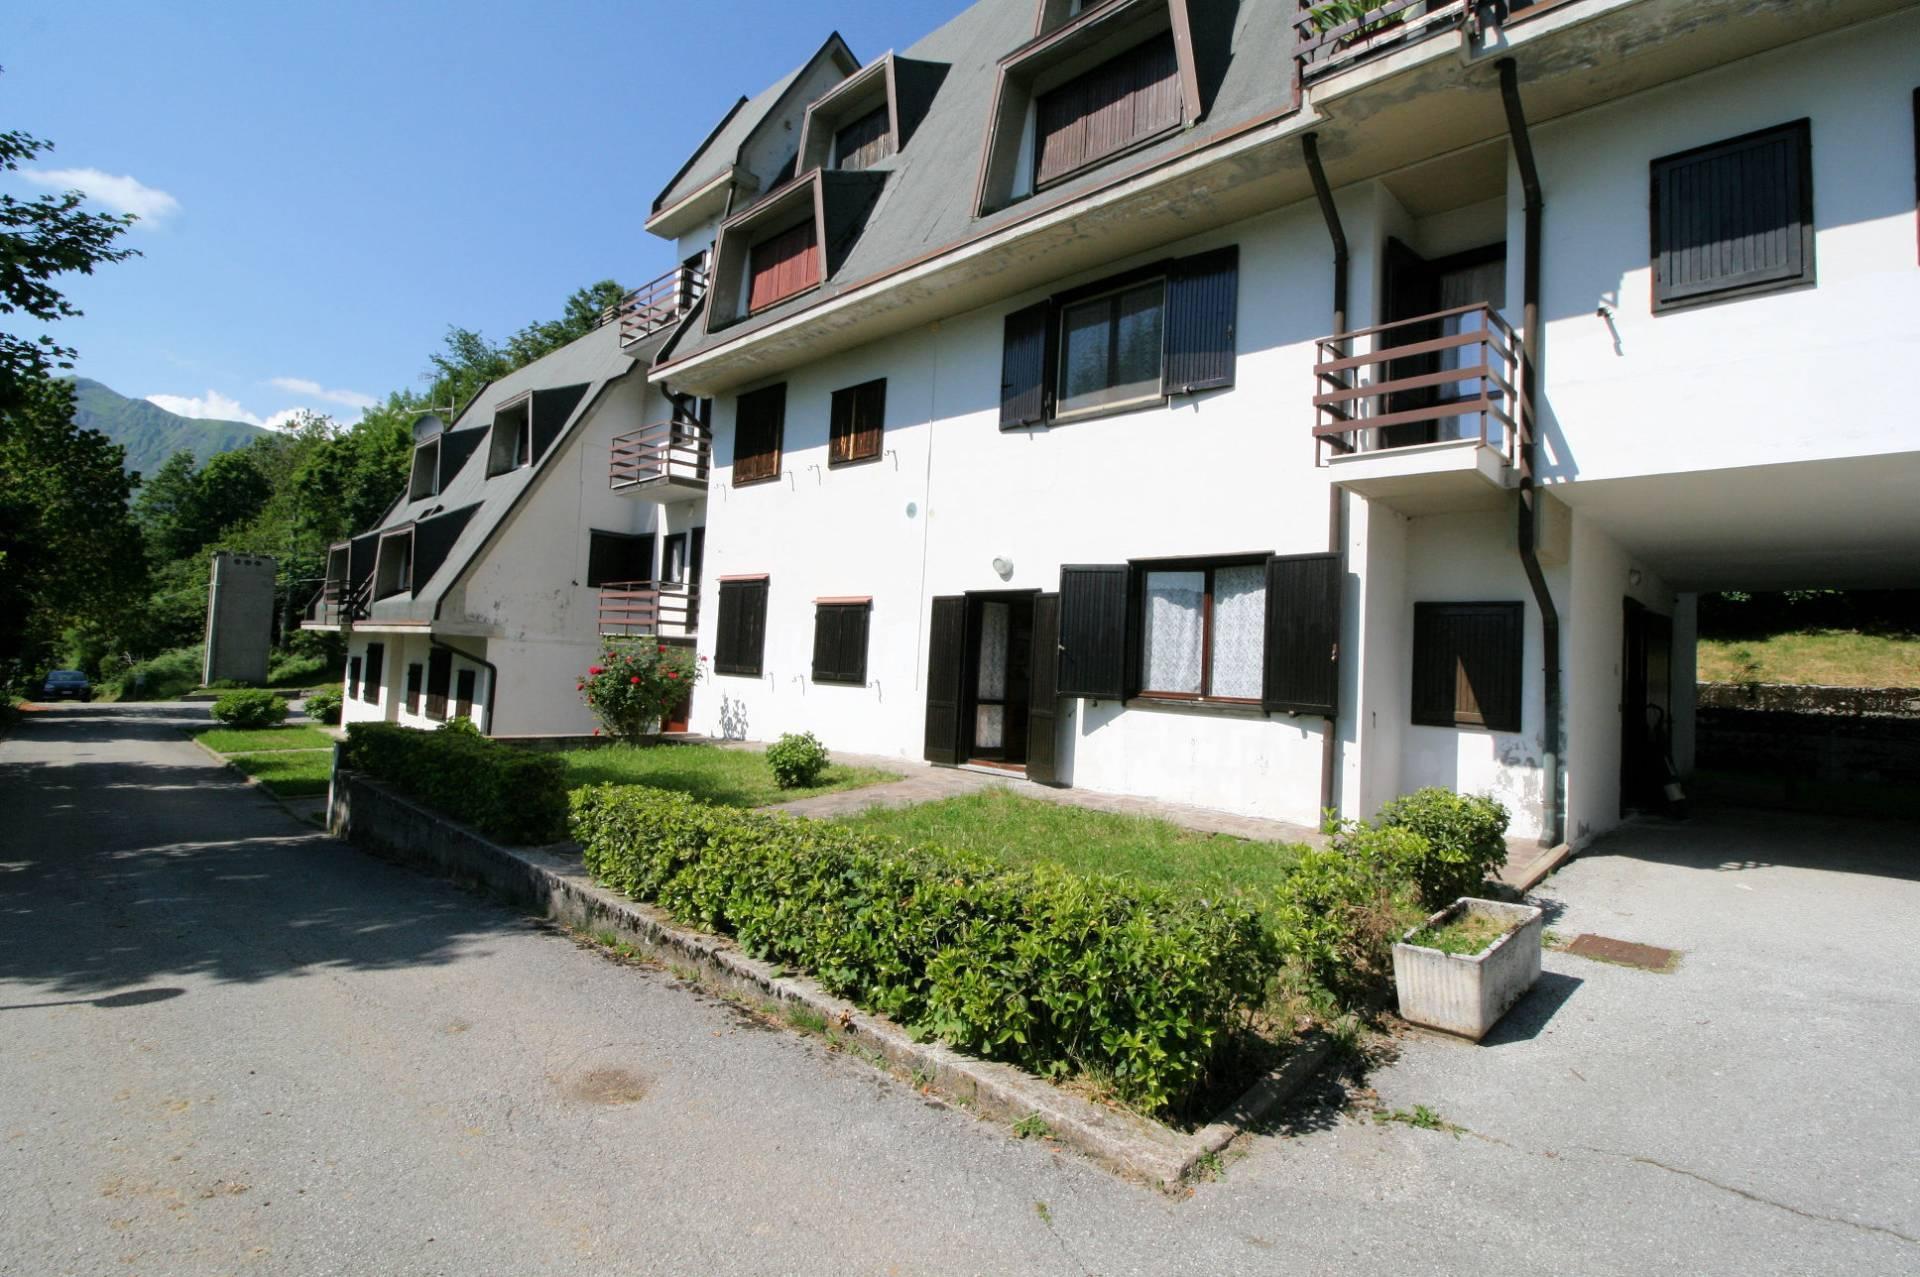 Appartamento in vendita a Cutigliano, 3 locali, zona Zona: Melo, prezzo € 95.000 | CambioCasa.it